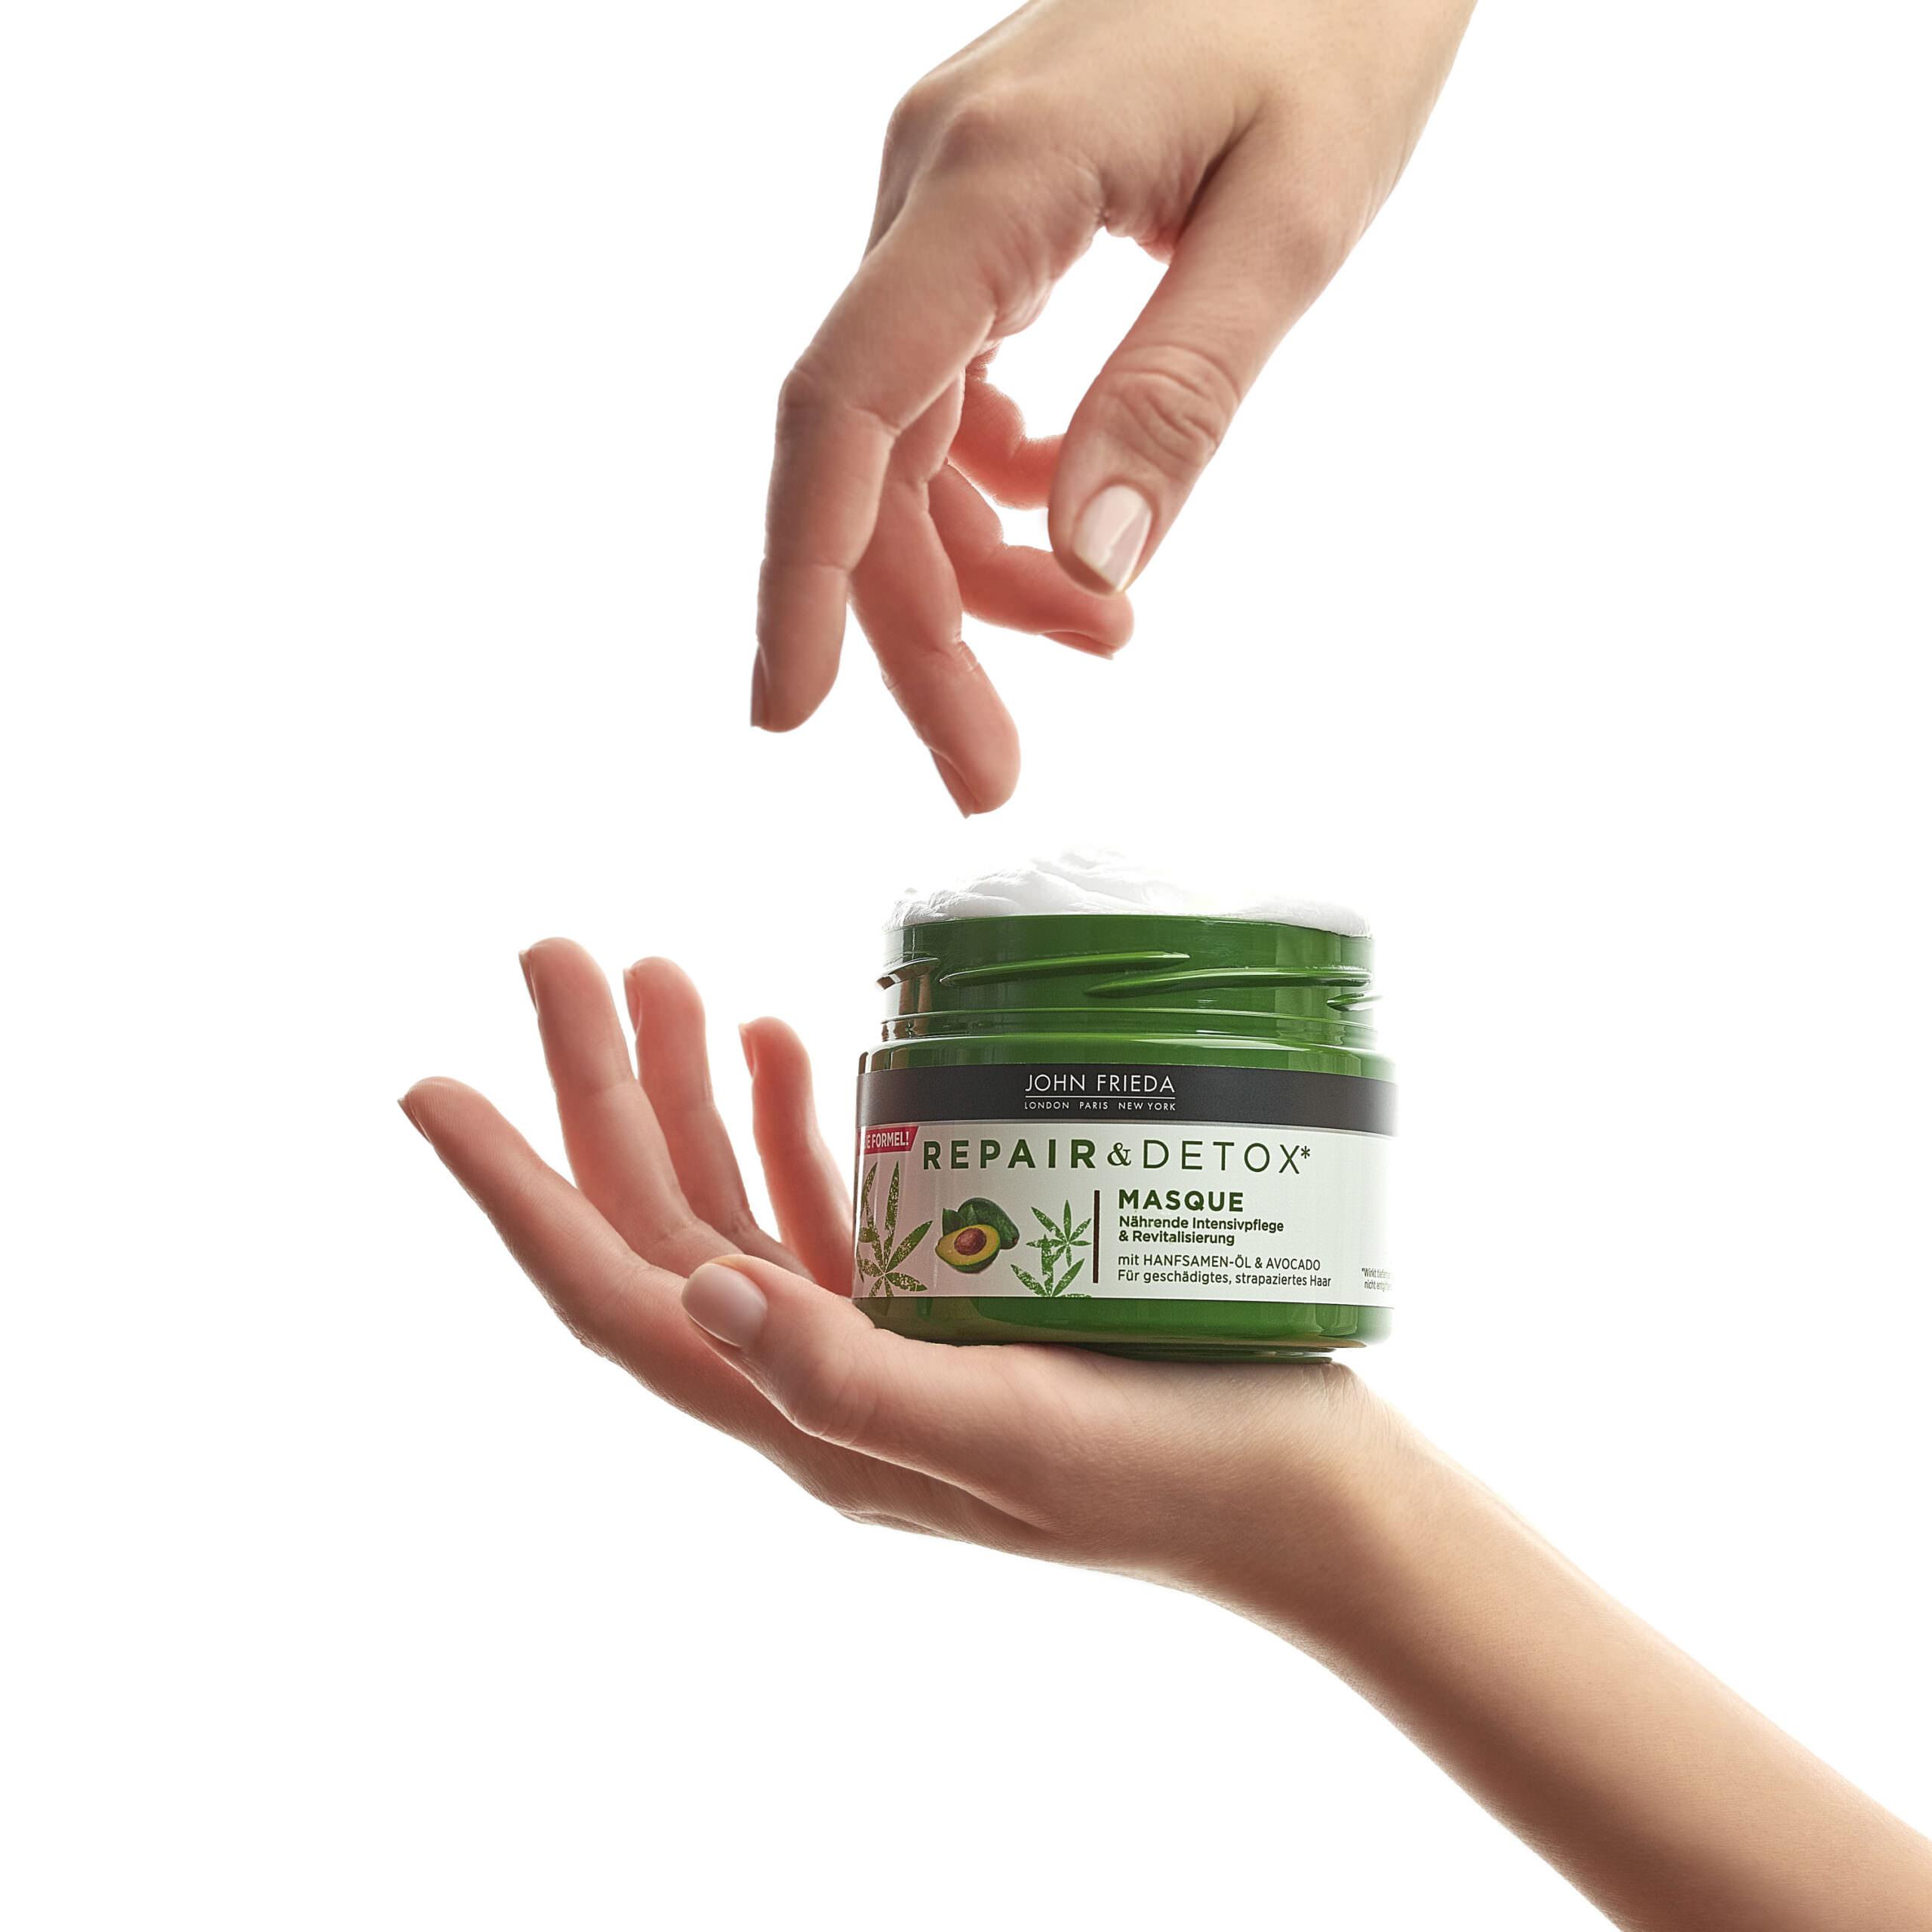 kosmetik in der hand